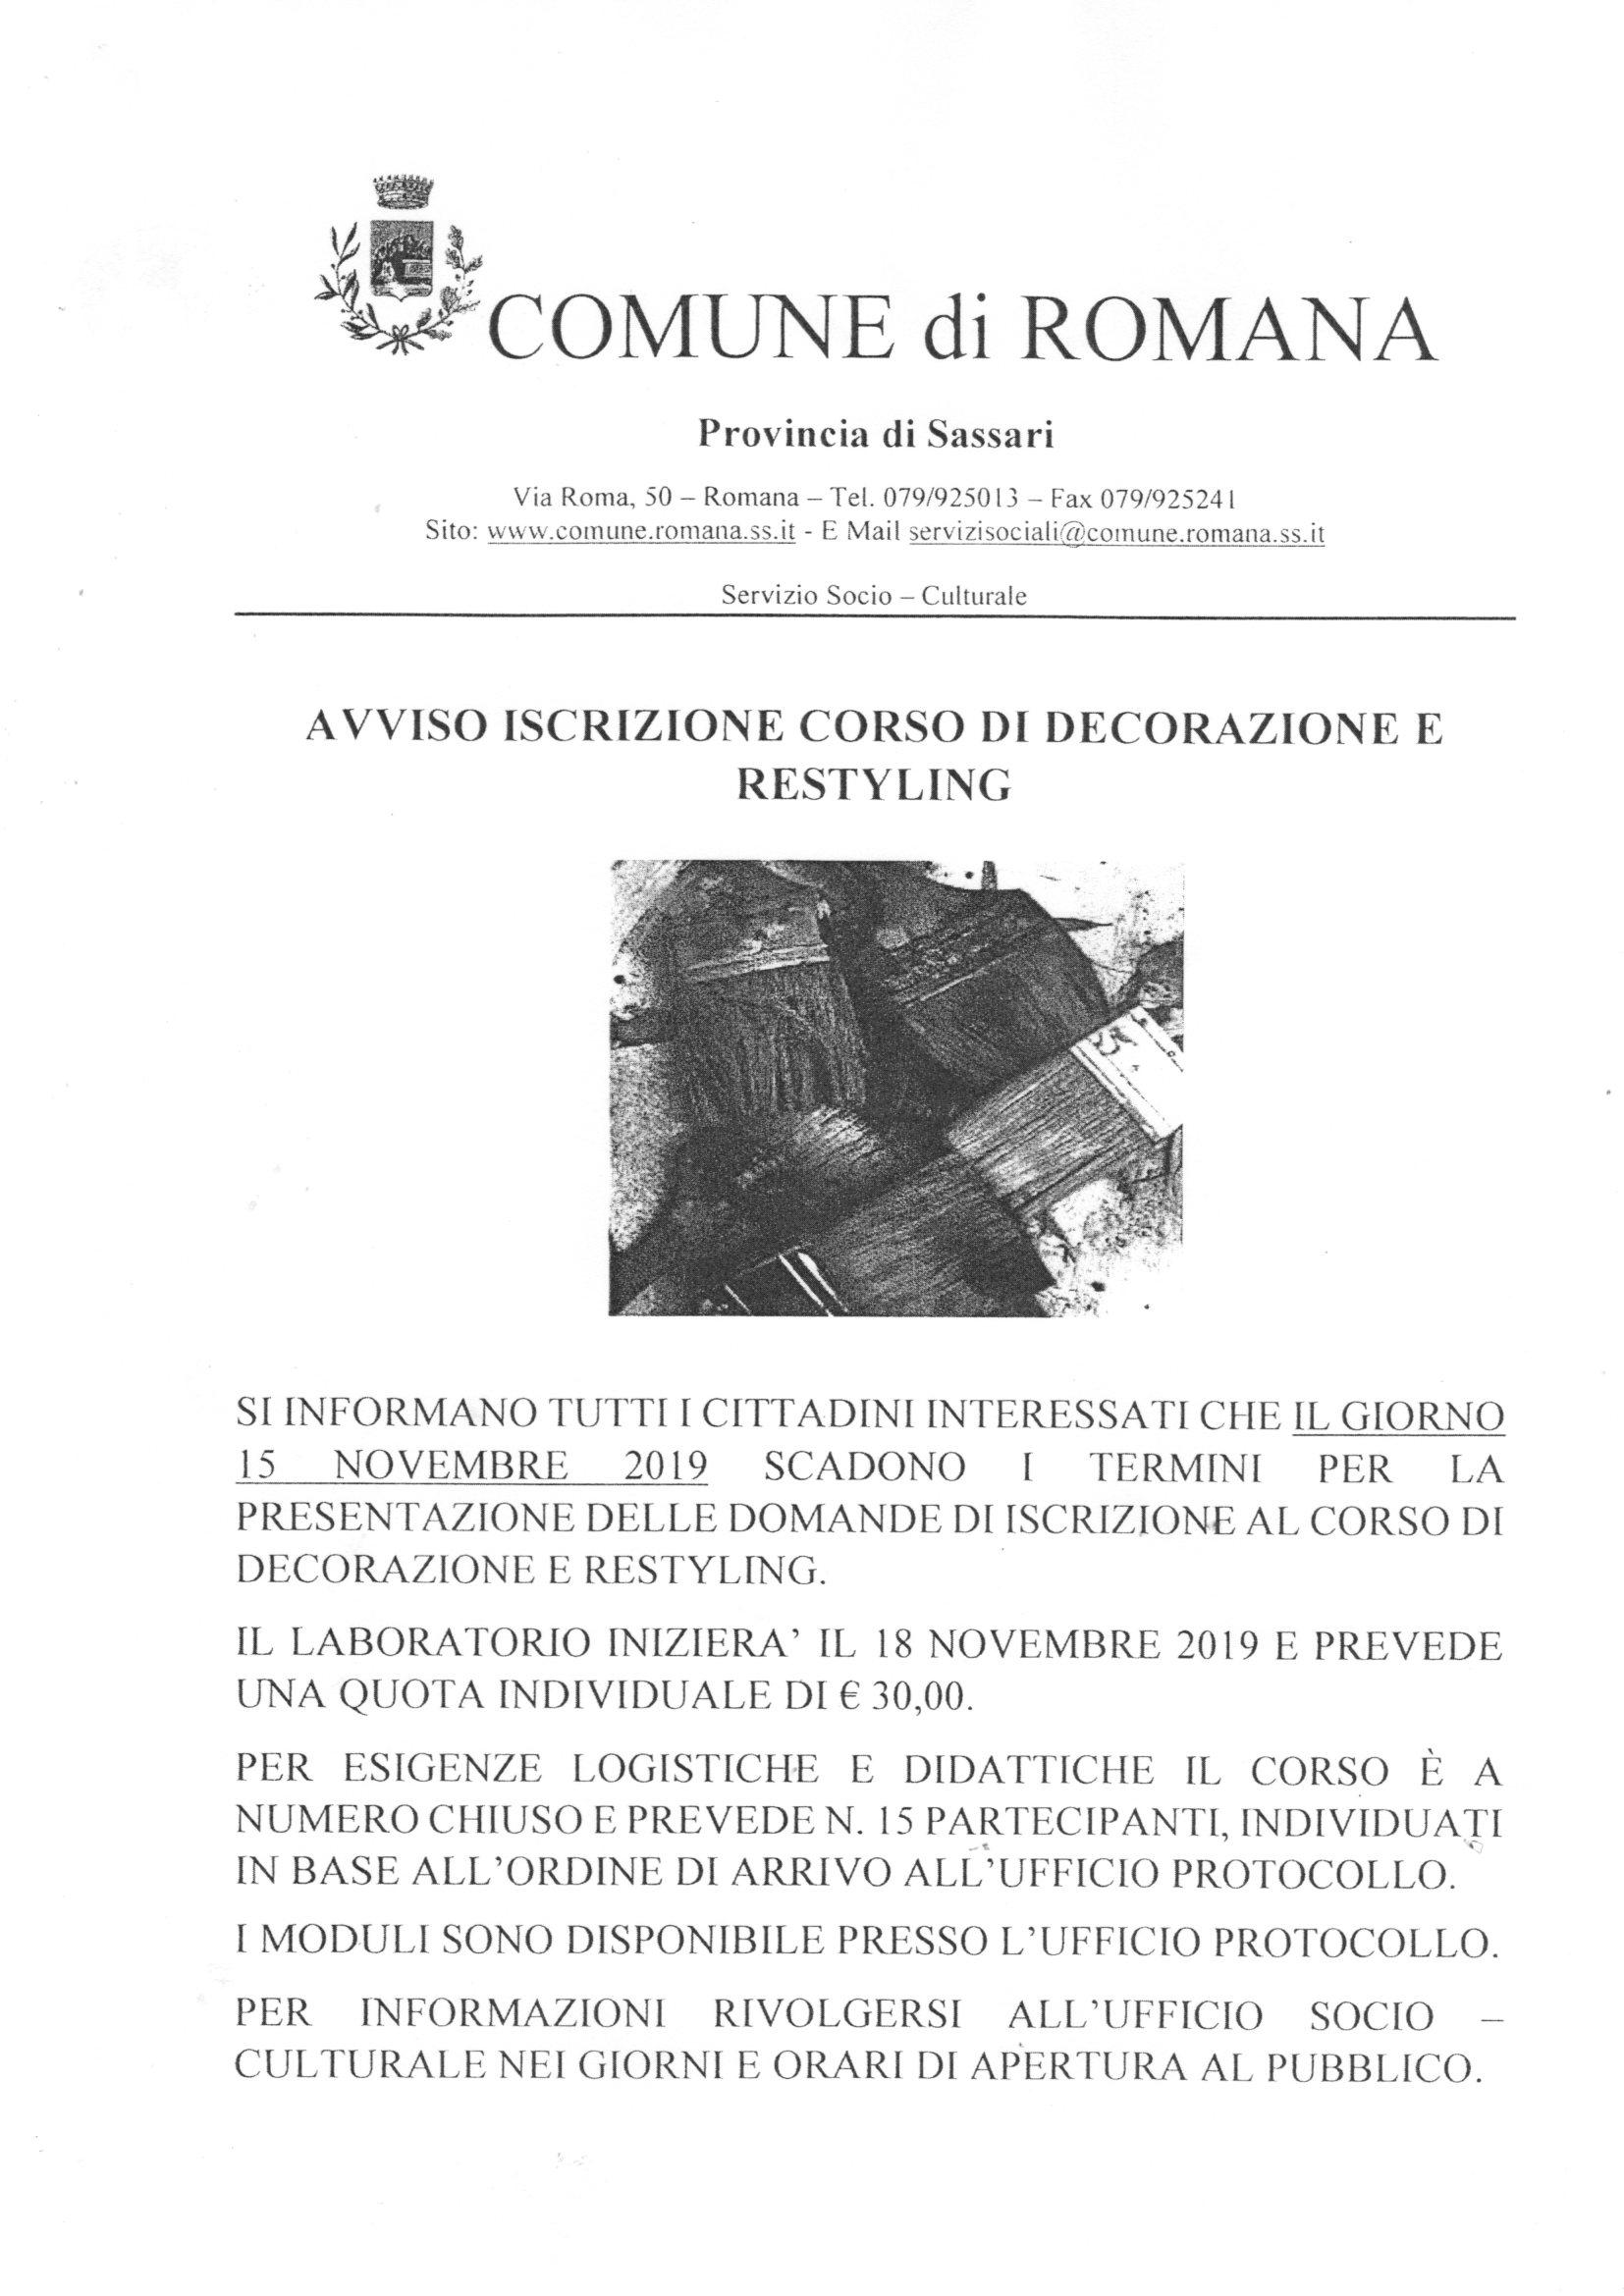 ISCRIZIONE CORSO DI DECORAZIONE E RESTYLING